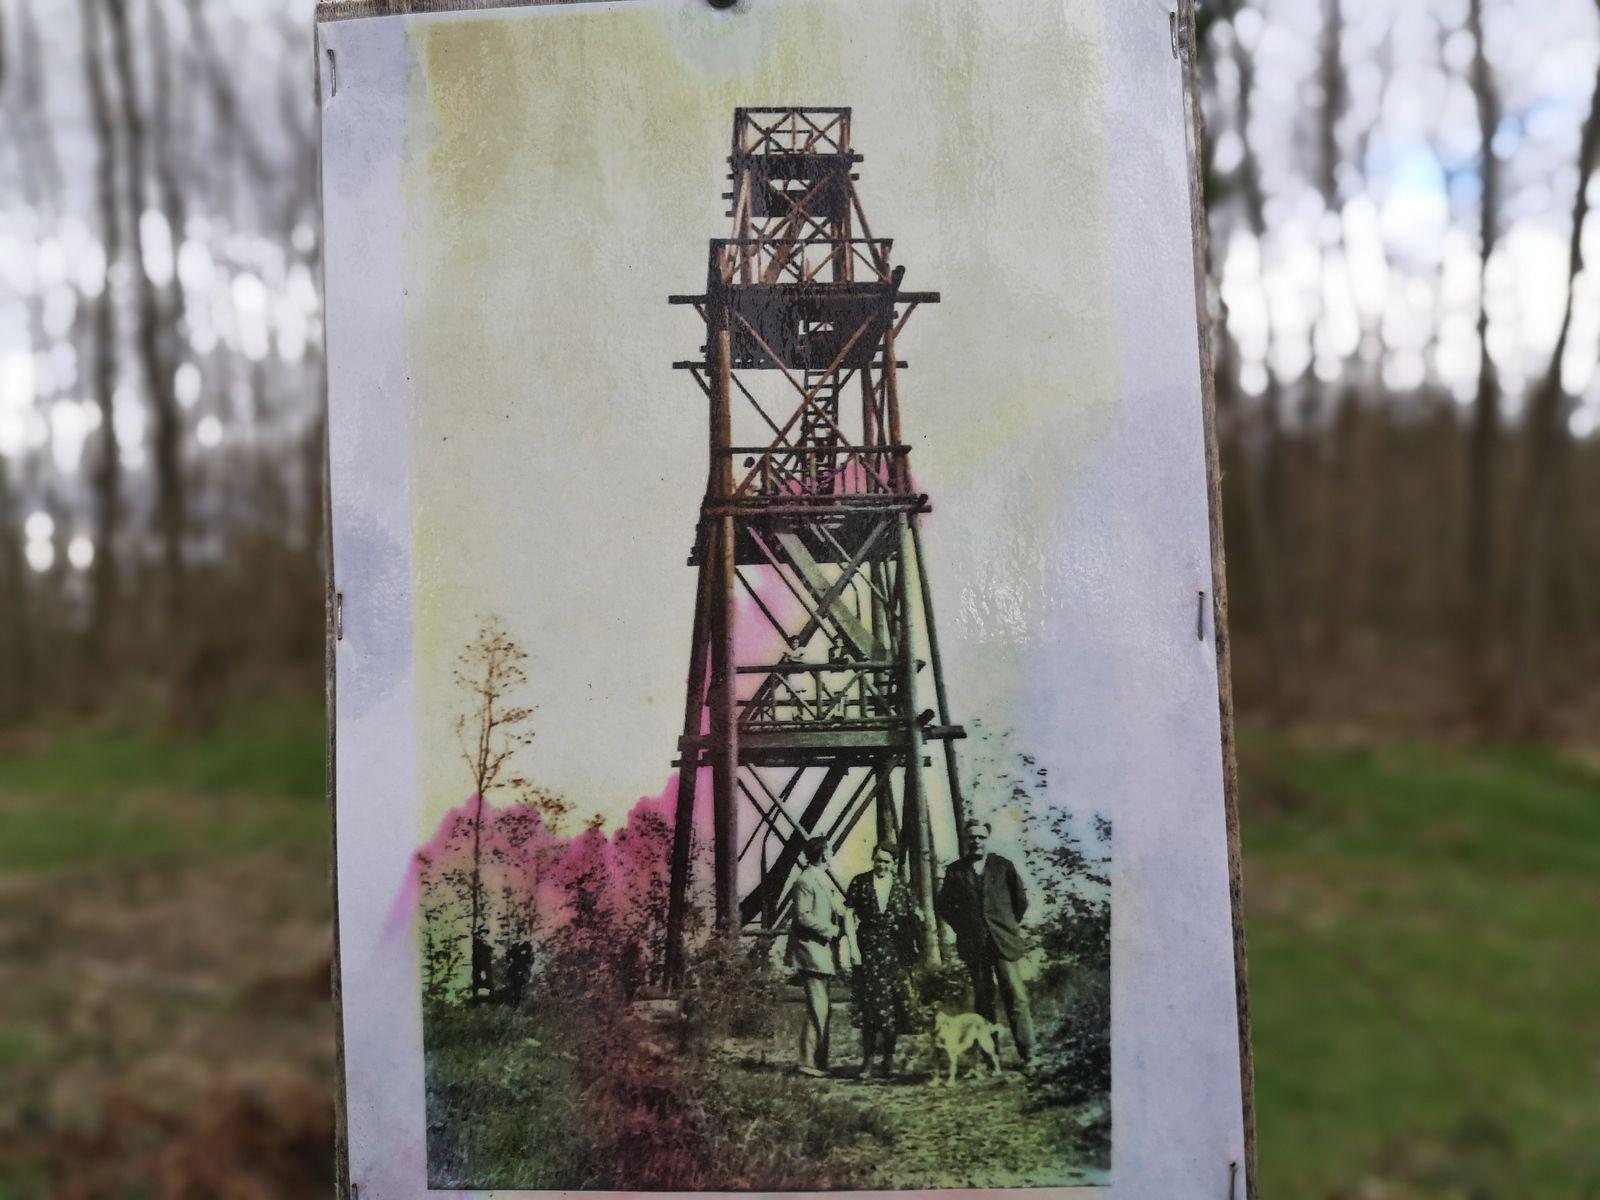 Nouvelle découverte. Le belvédère du Wangenberg, tel qu'il était visible avant la deuxième guerre mondiale.